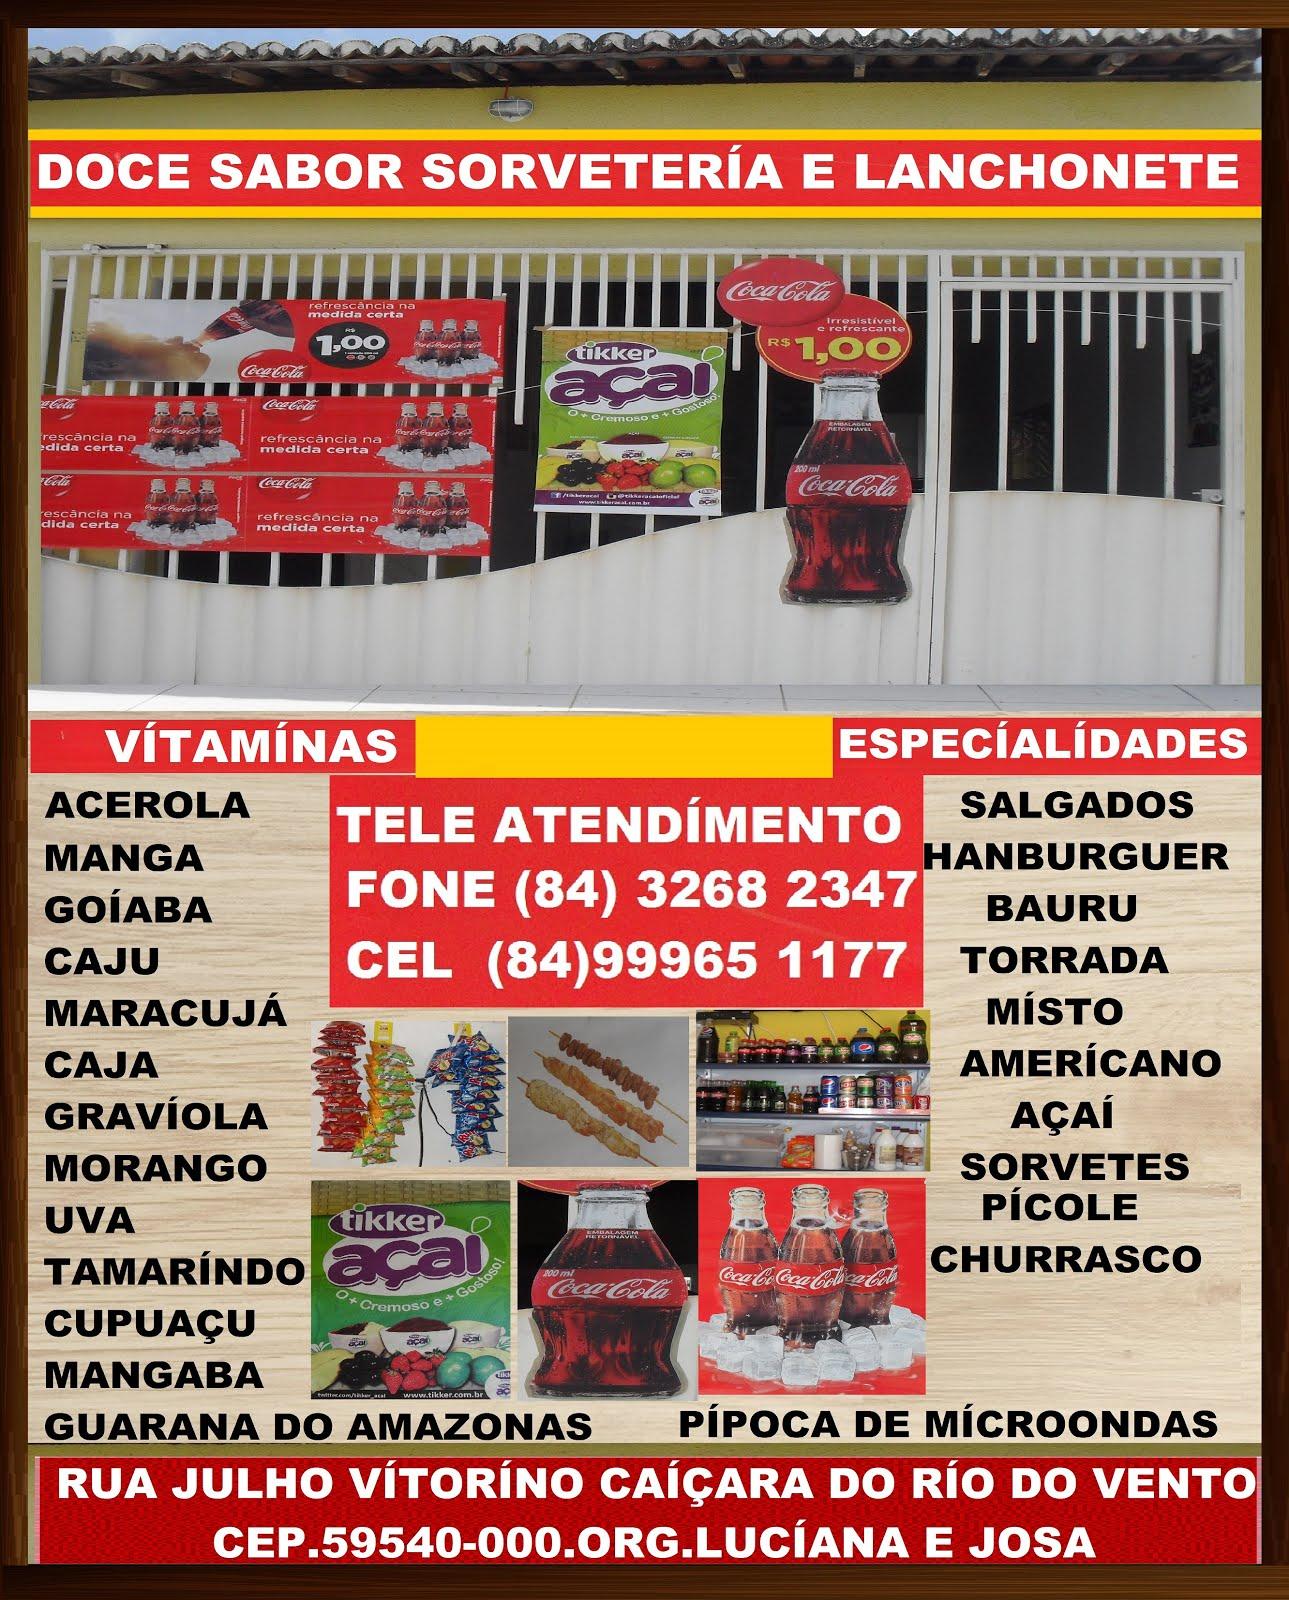 DOCE SABOR SORVETERÍA E LANCHONETE